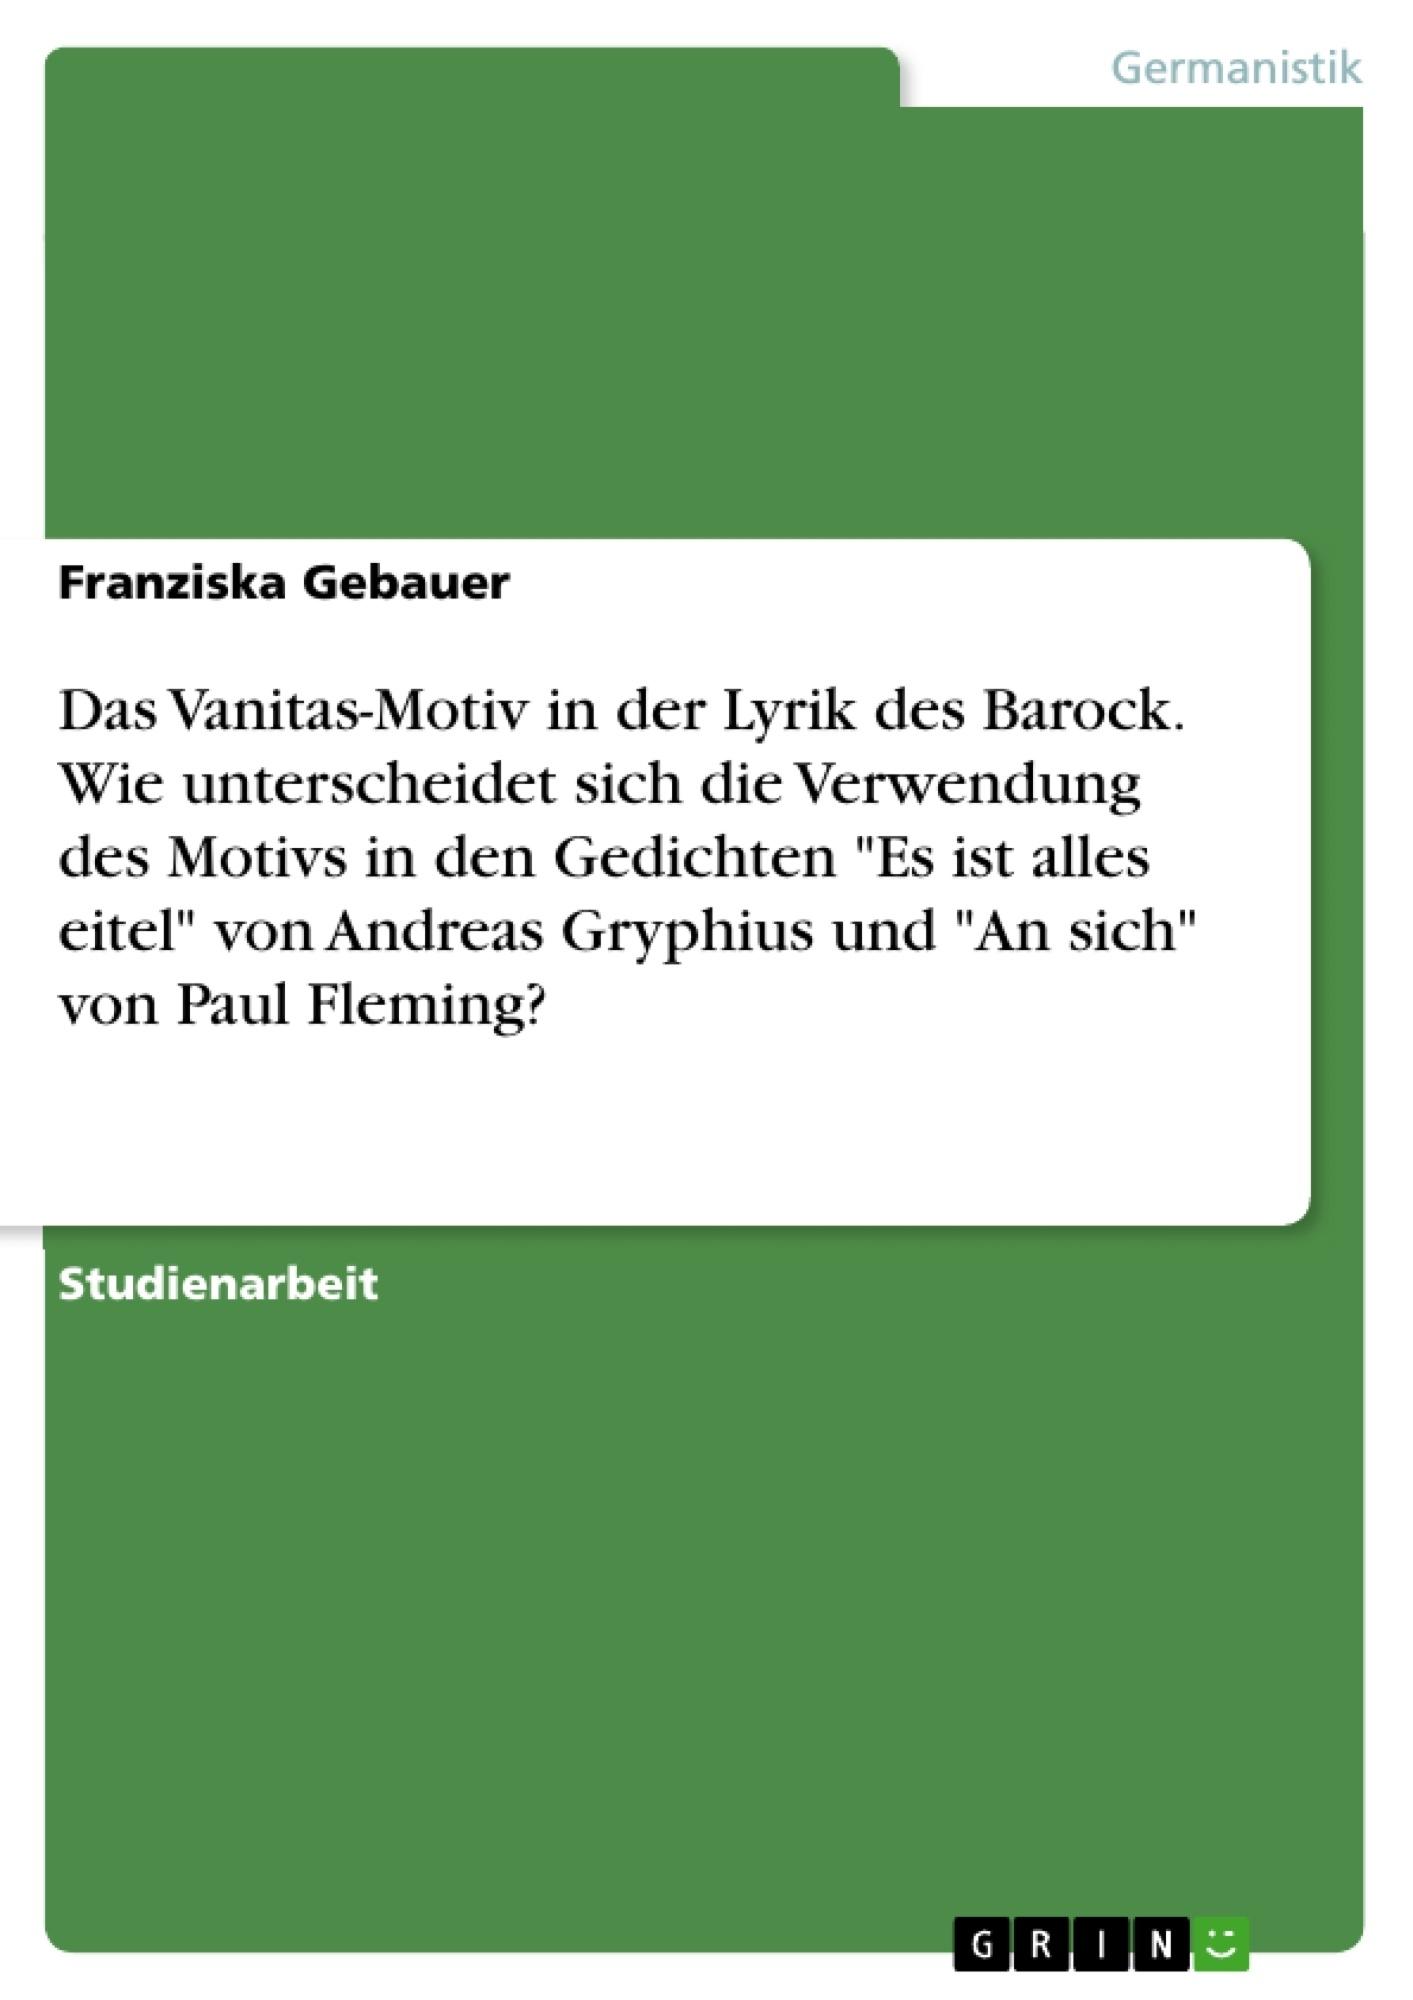 """Titel: Das Vanitas-Motiv in der Lyrik des Barock. Wie unterscheidet sich die Verwendung des Motivs in den Gedichten """"Es ist alles eitel"""" von Andreas Gryphius und """"An sich"""" von Paul Fleming?"""